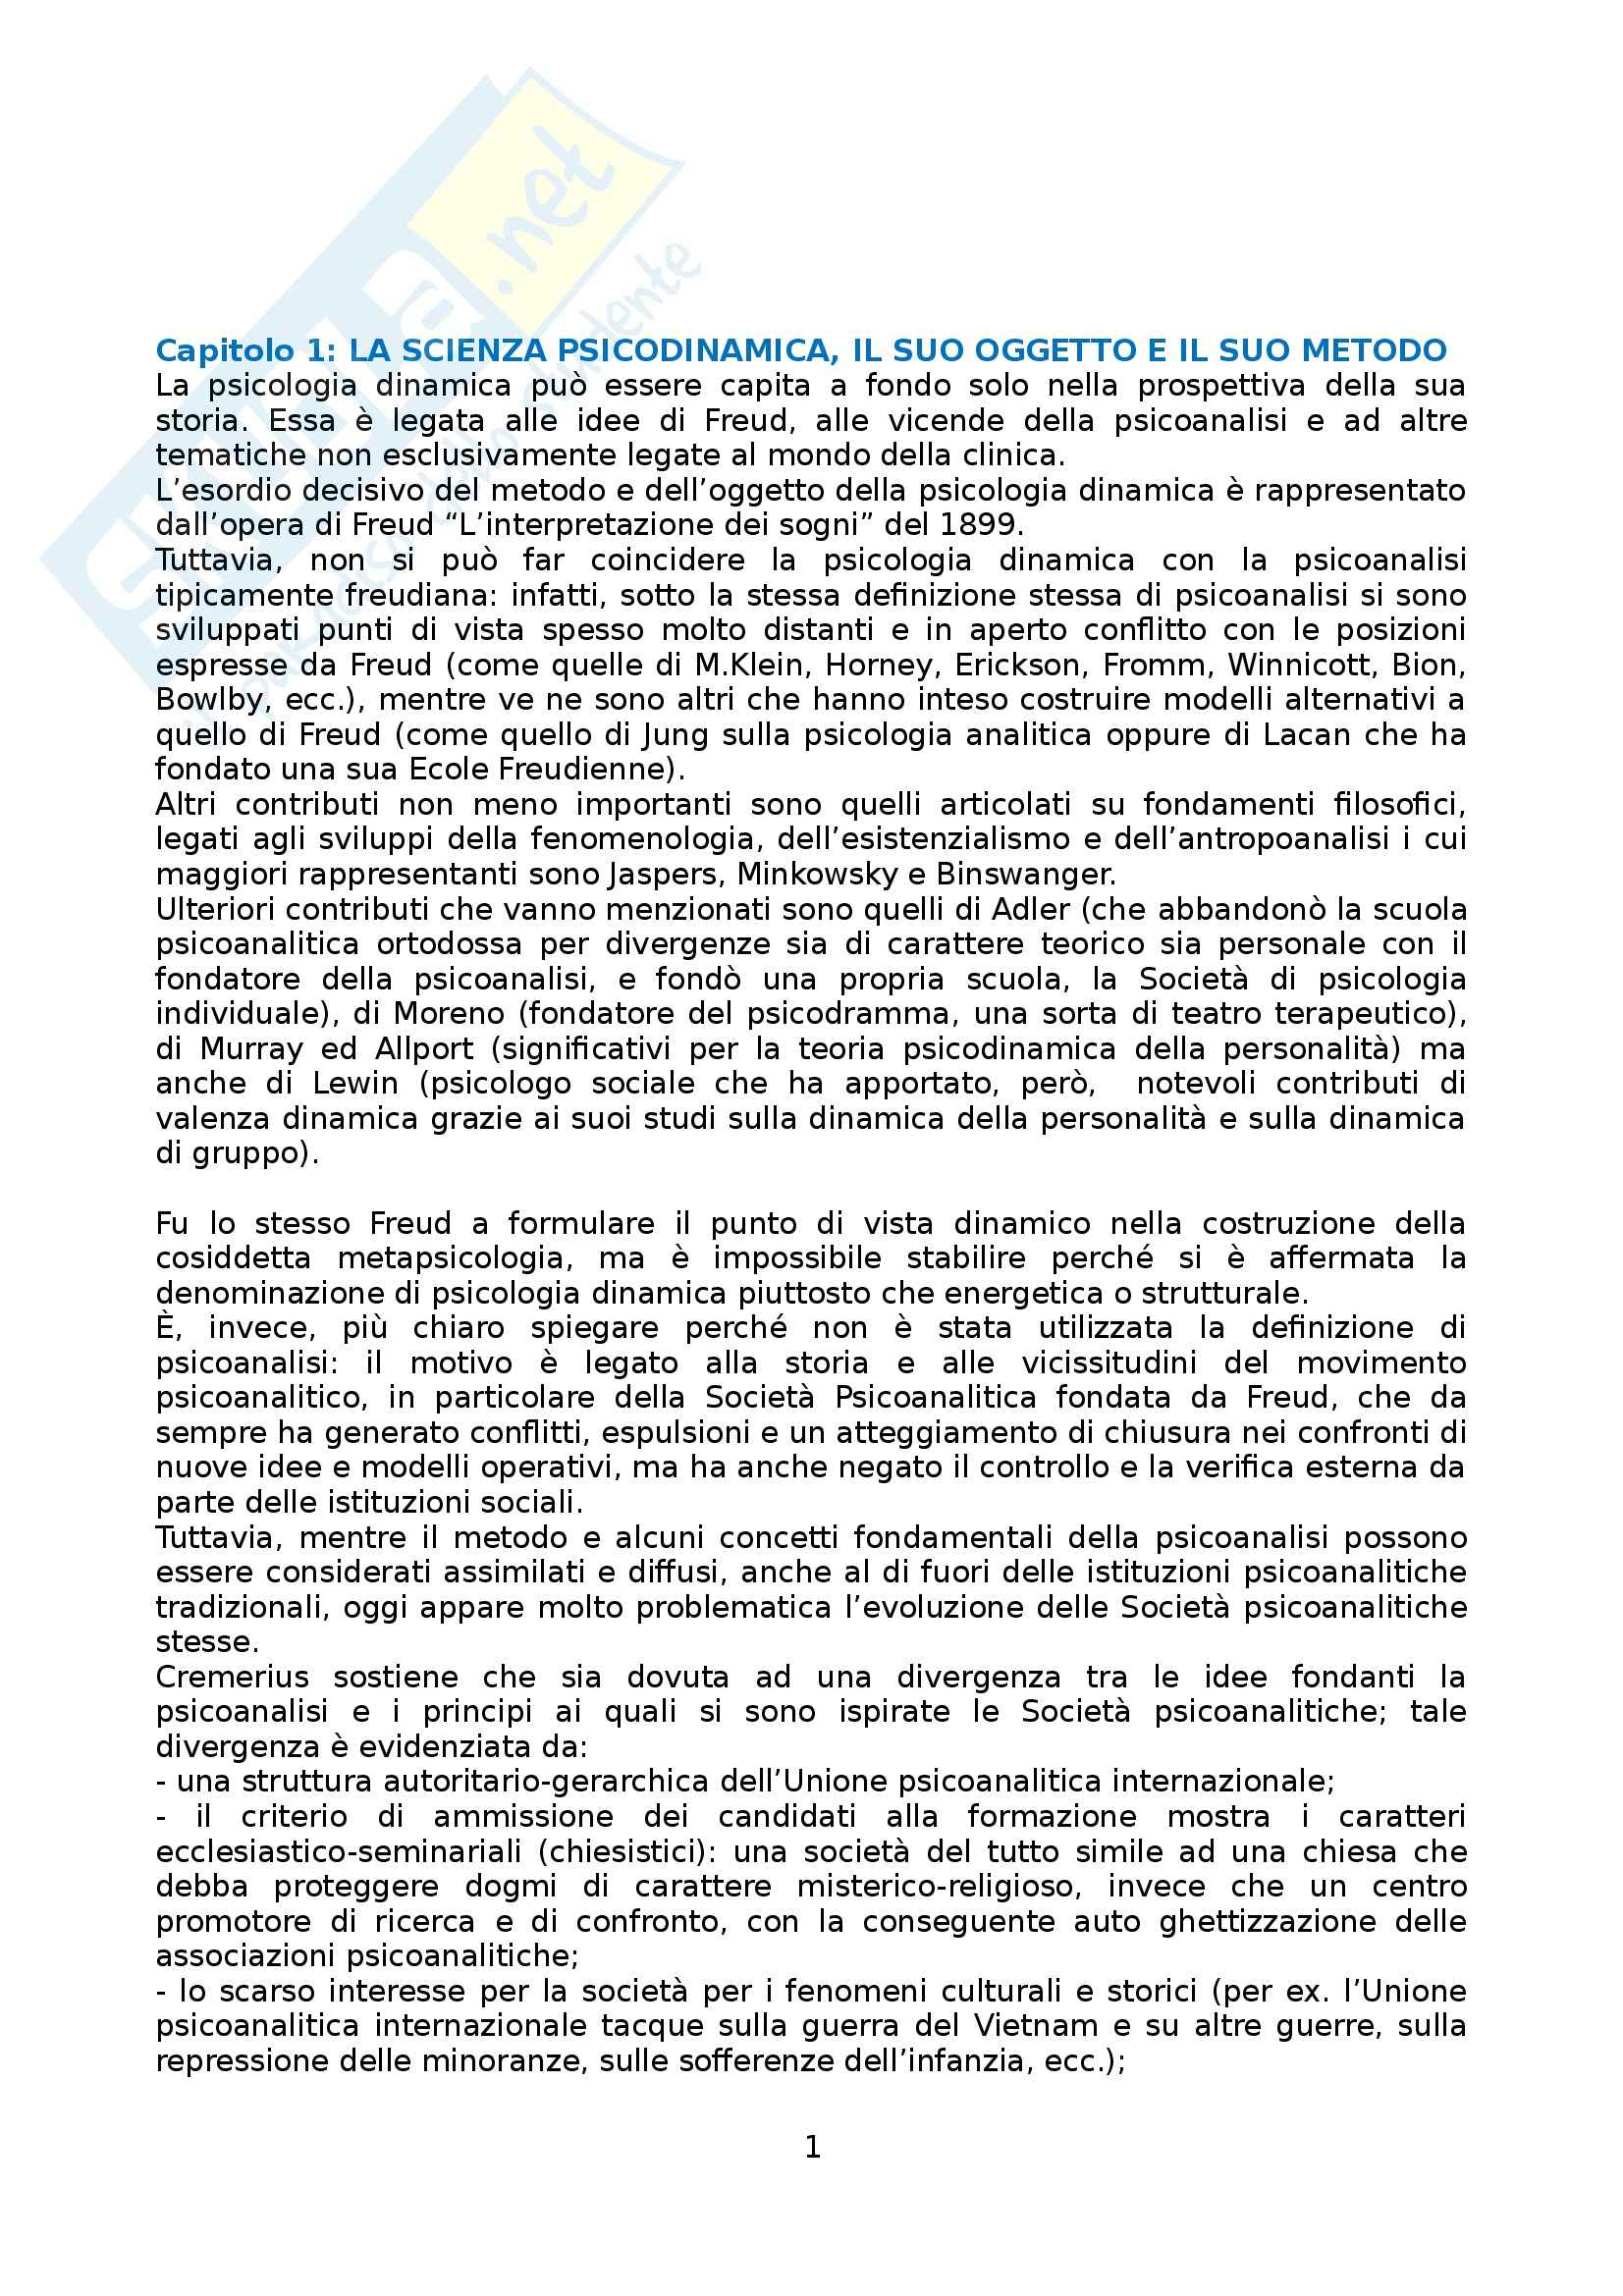 Riassunto esame Psicologia dinamica, prof. Miano, libro consigliato La psicologia dinamica come scienza clinica, Ruvolo